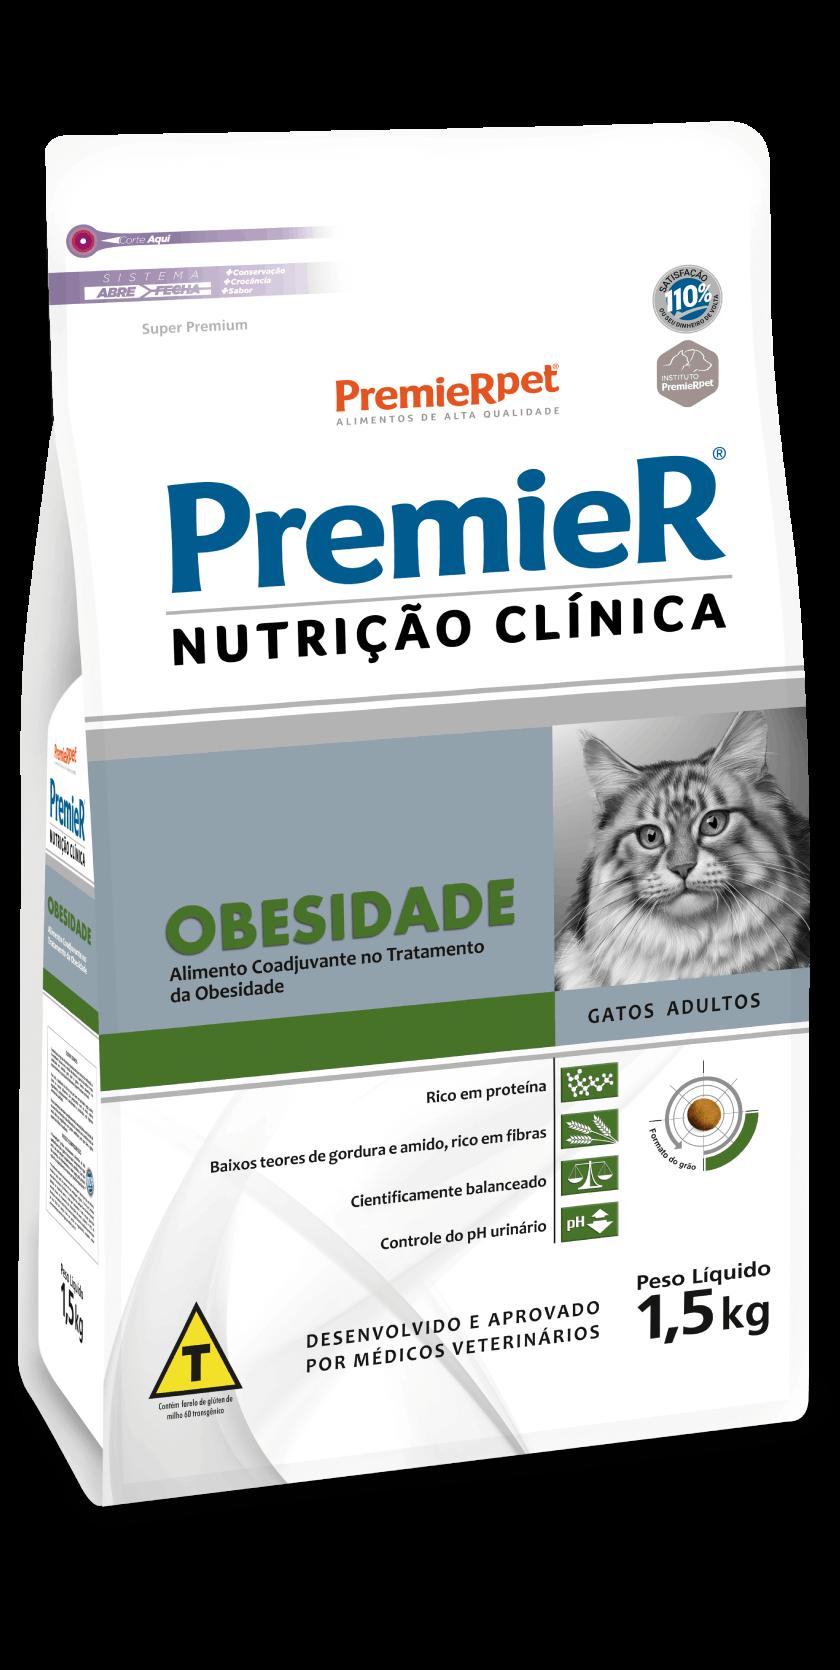 PREMIER NUTRI CLINICA GATOS OBESIDADE AD 500G